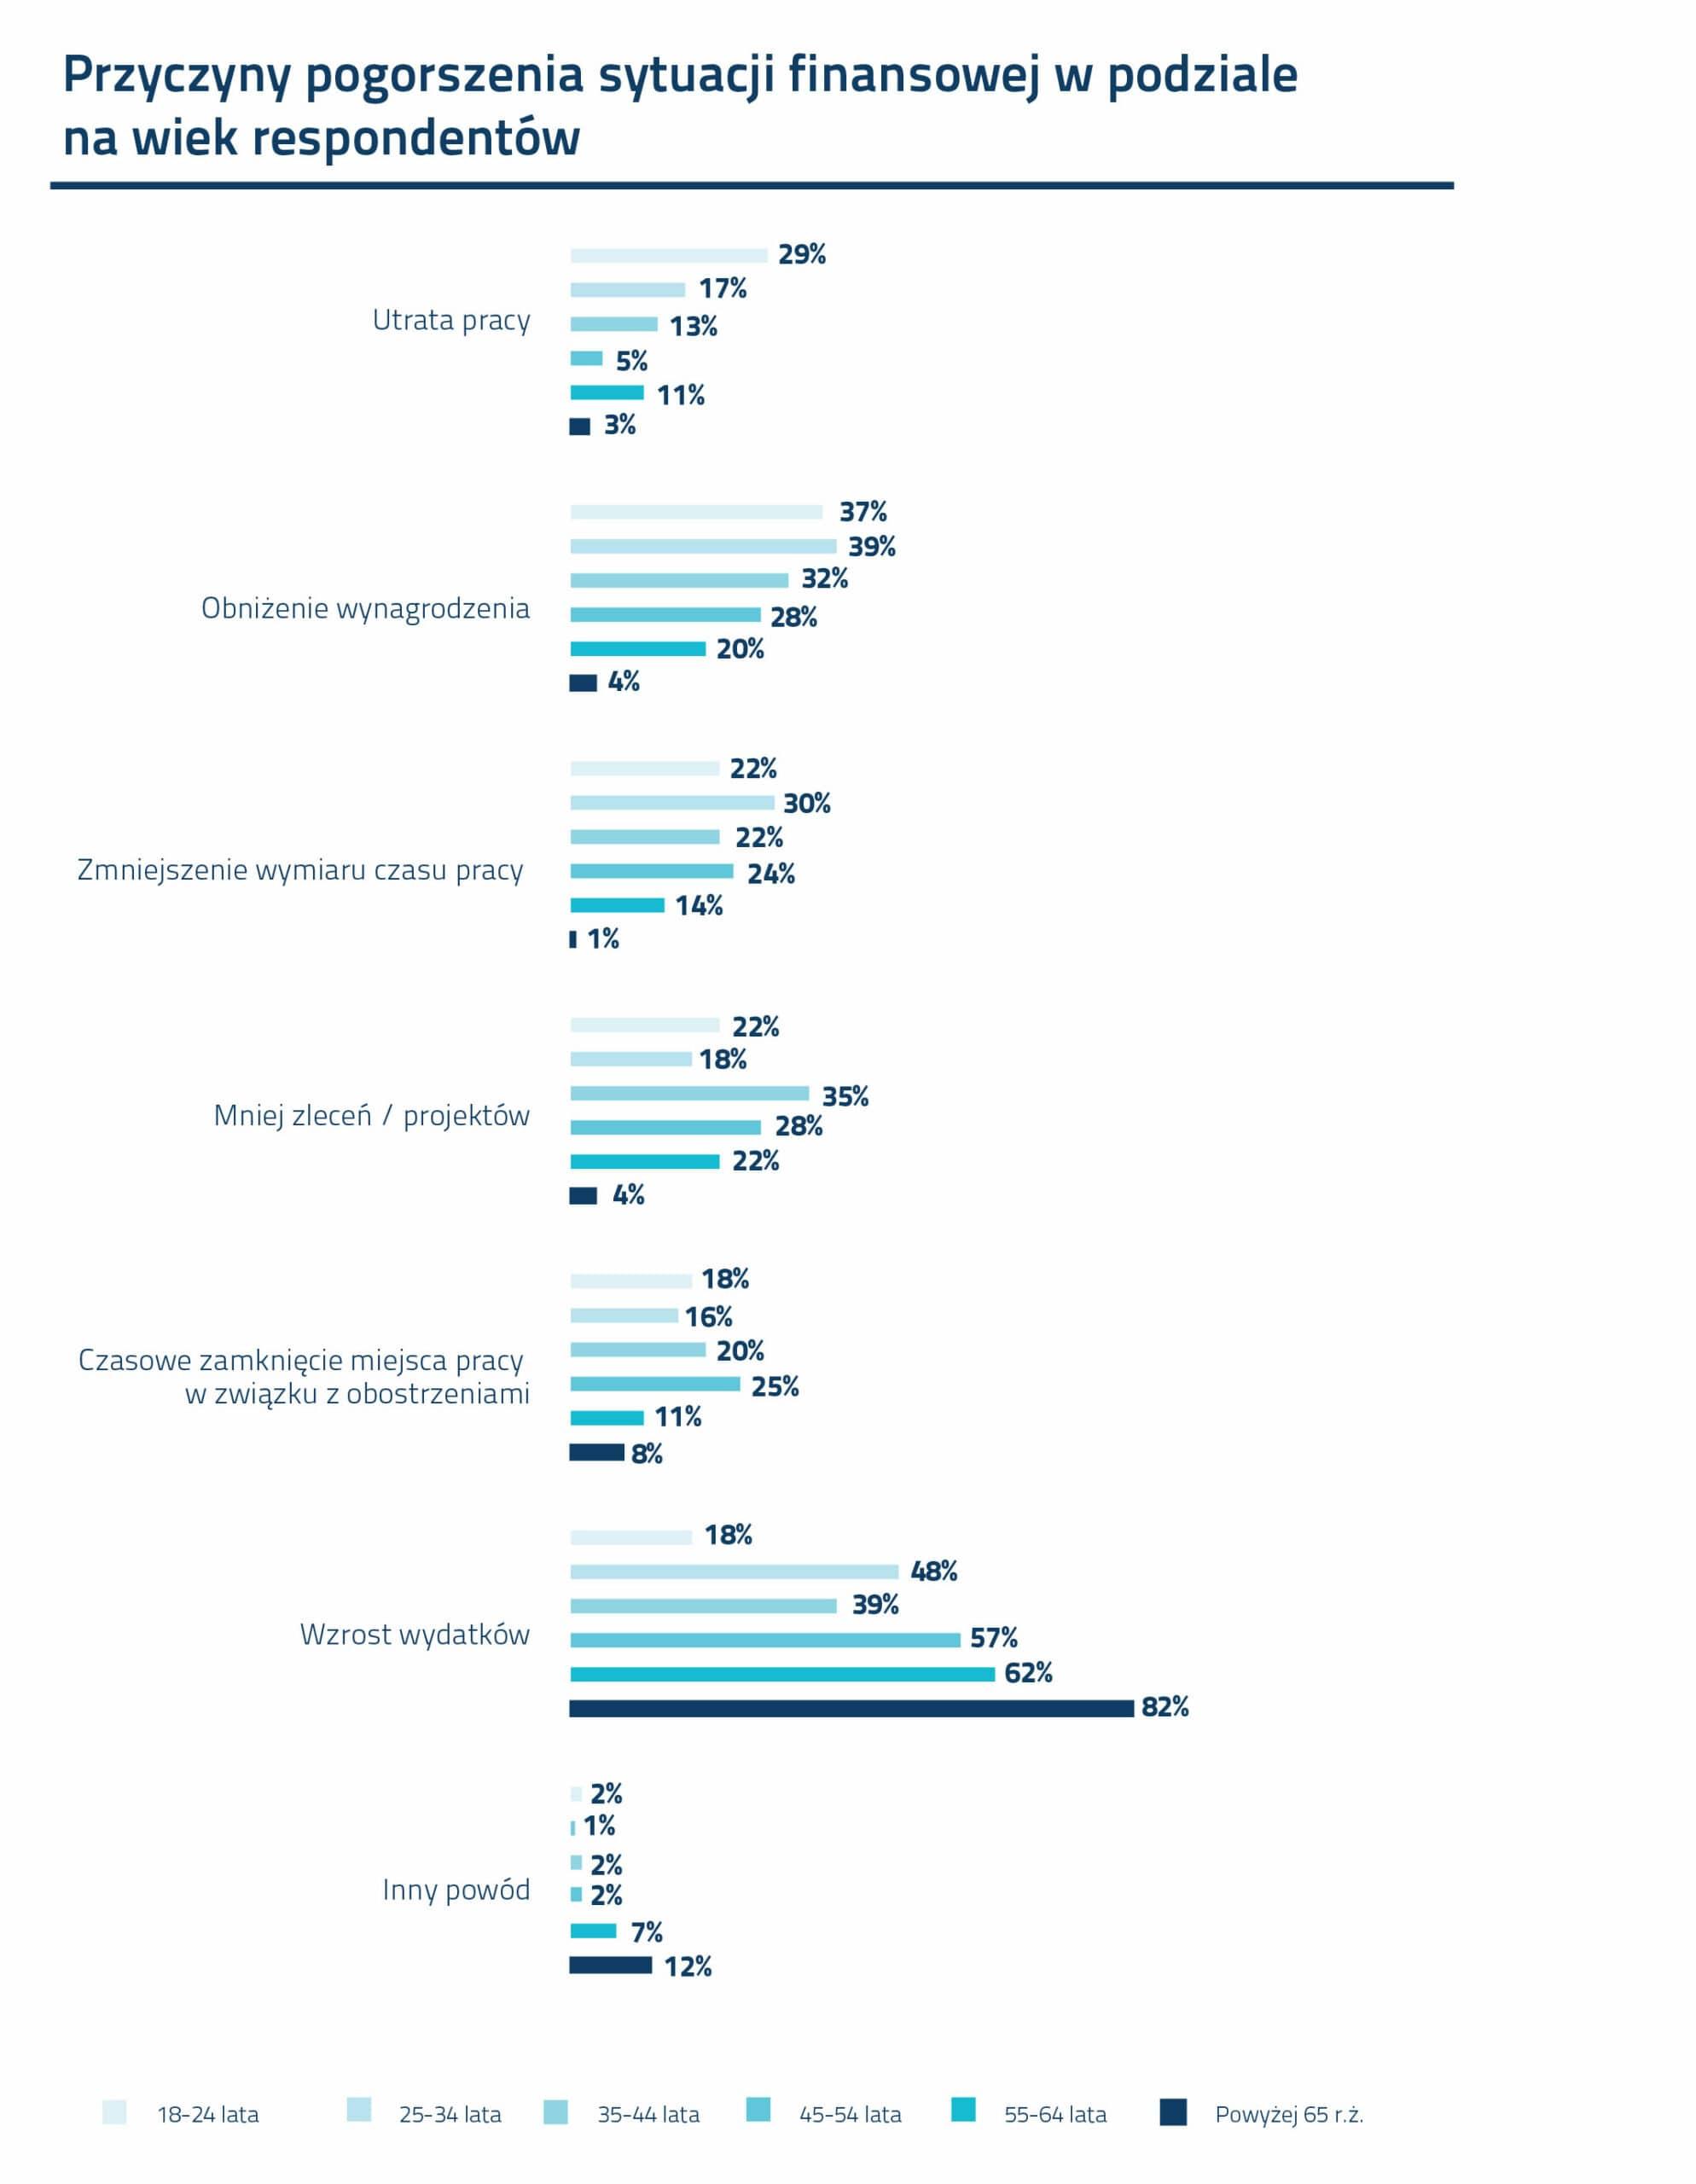 Wykres_Przyczyny pogorszenia sytuacji finansowej w podziale na wiek